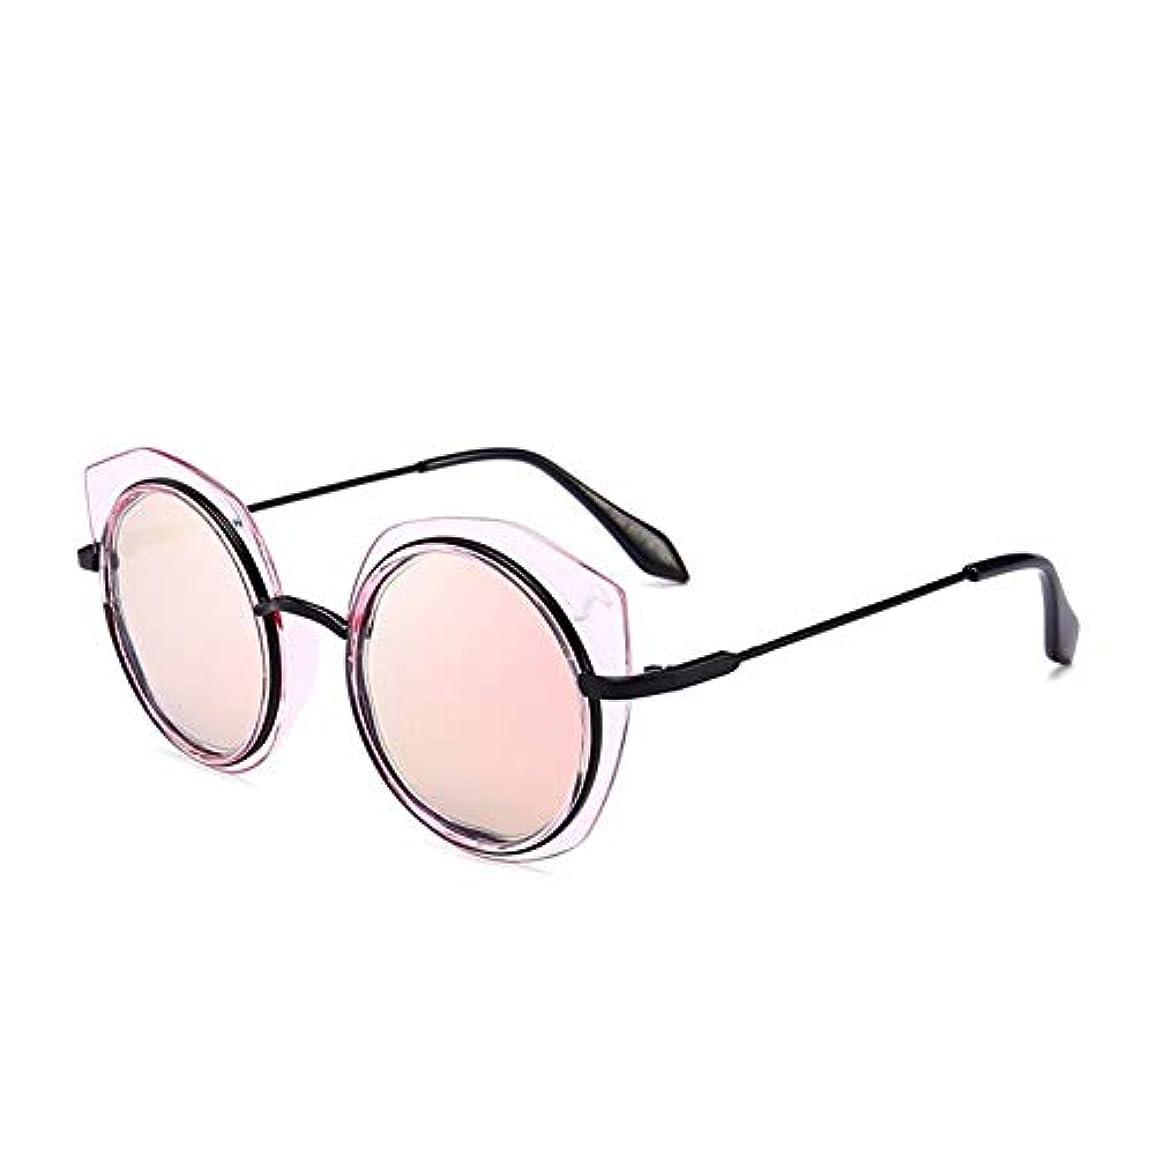 服クラックポット地中海Q AI NI ファッション不規則な猫の目花偏光もメガネ 毎日の旅行用サングラス (Color : Powder)